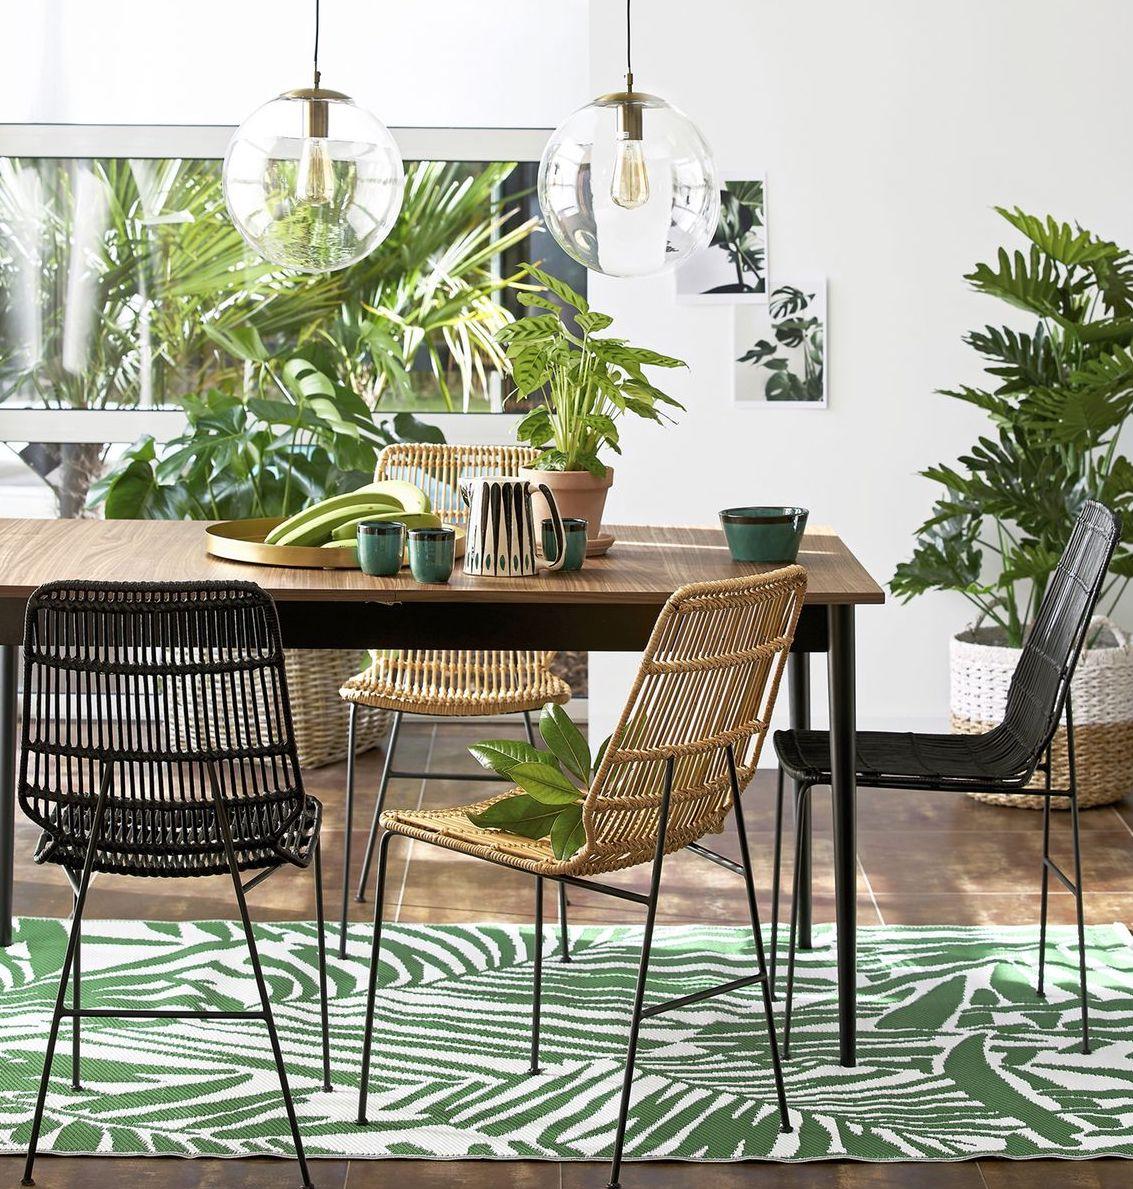 blog déco salle à manger exotique rustique table bois chaise rotin marron noir tasse moderne